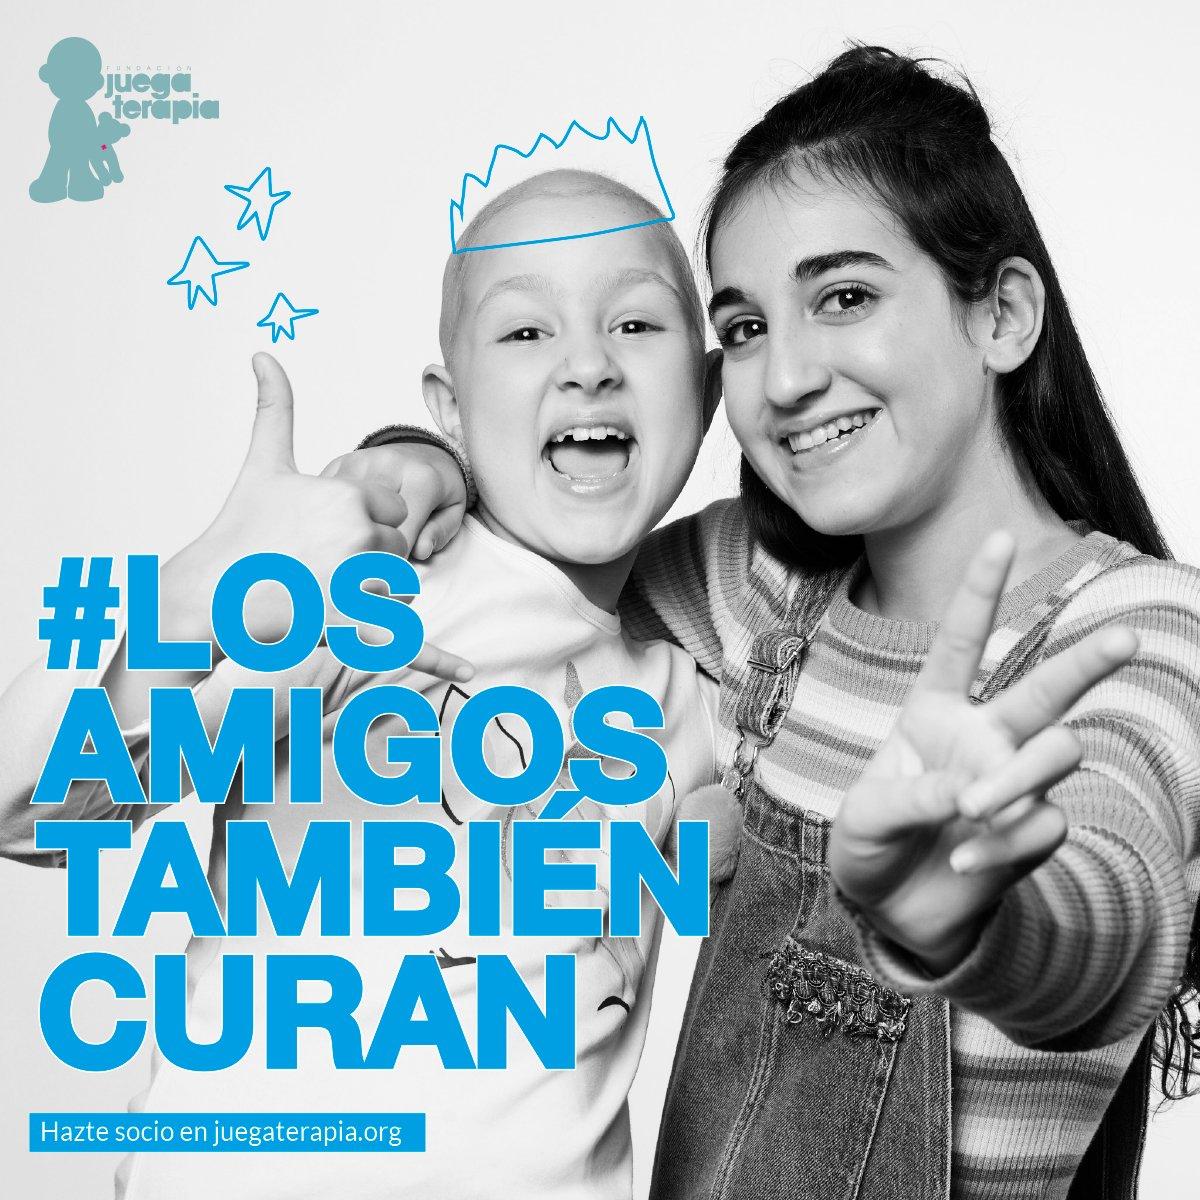 Carmen, María, Alex y Jorge nos siguen dando una gran lección de vida #LosAmigosTambiénCuran ... y apoyamos, y jugamos, y reímos, y siempre, siempre estaremos ahí. 💙